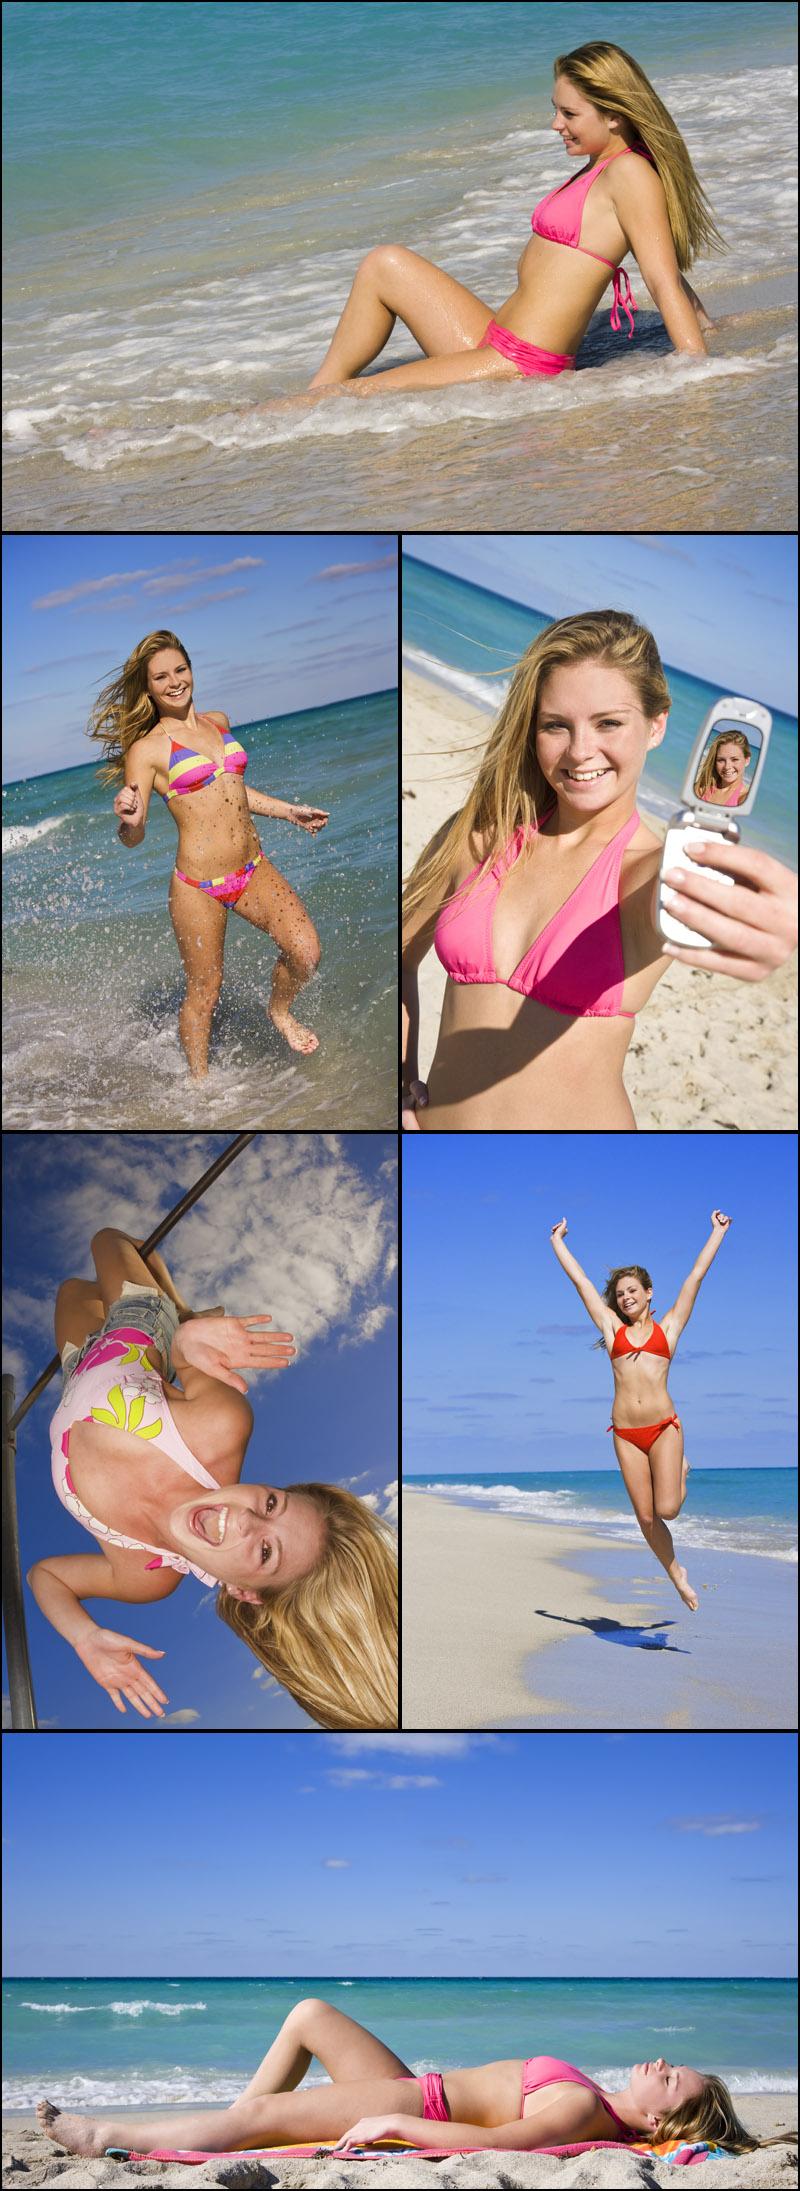 Miami, Fl Jul 17, 2008 David N Davis south beach